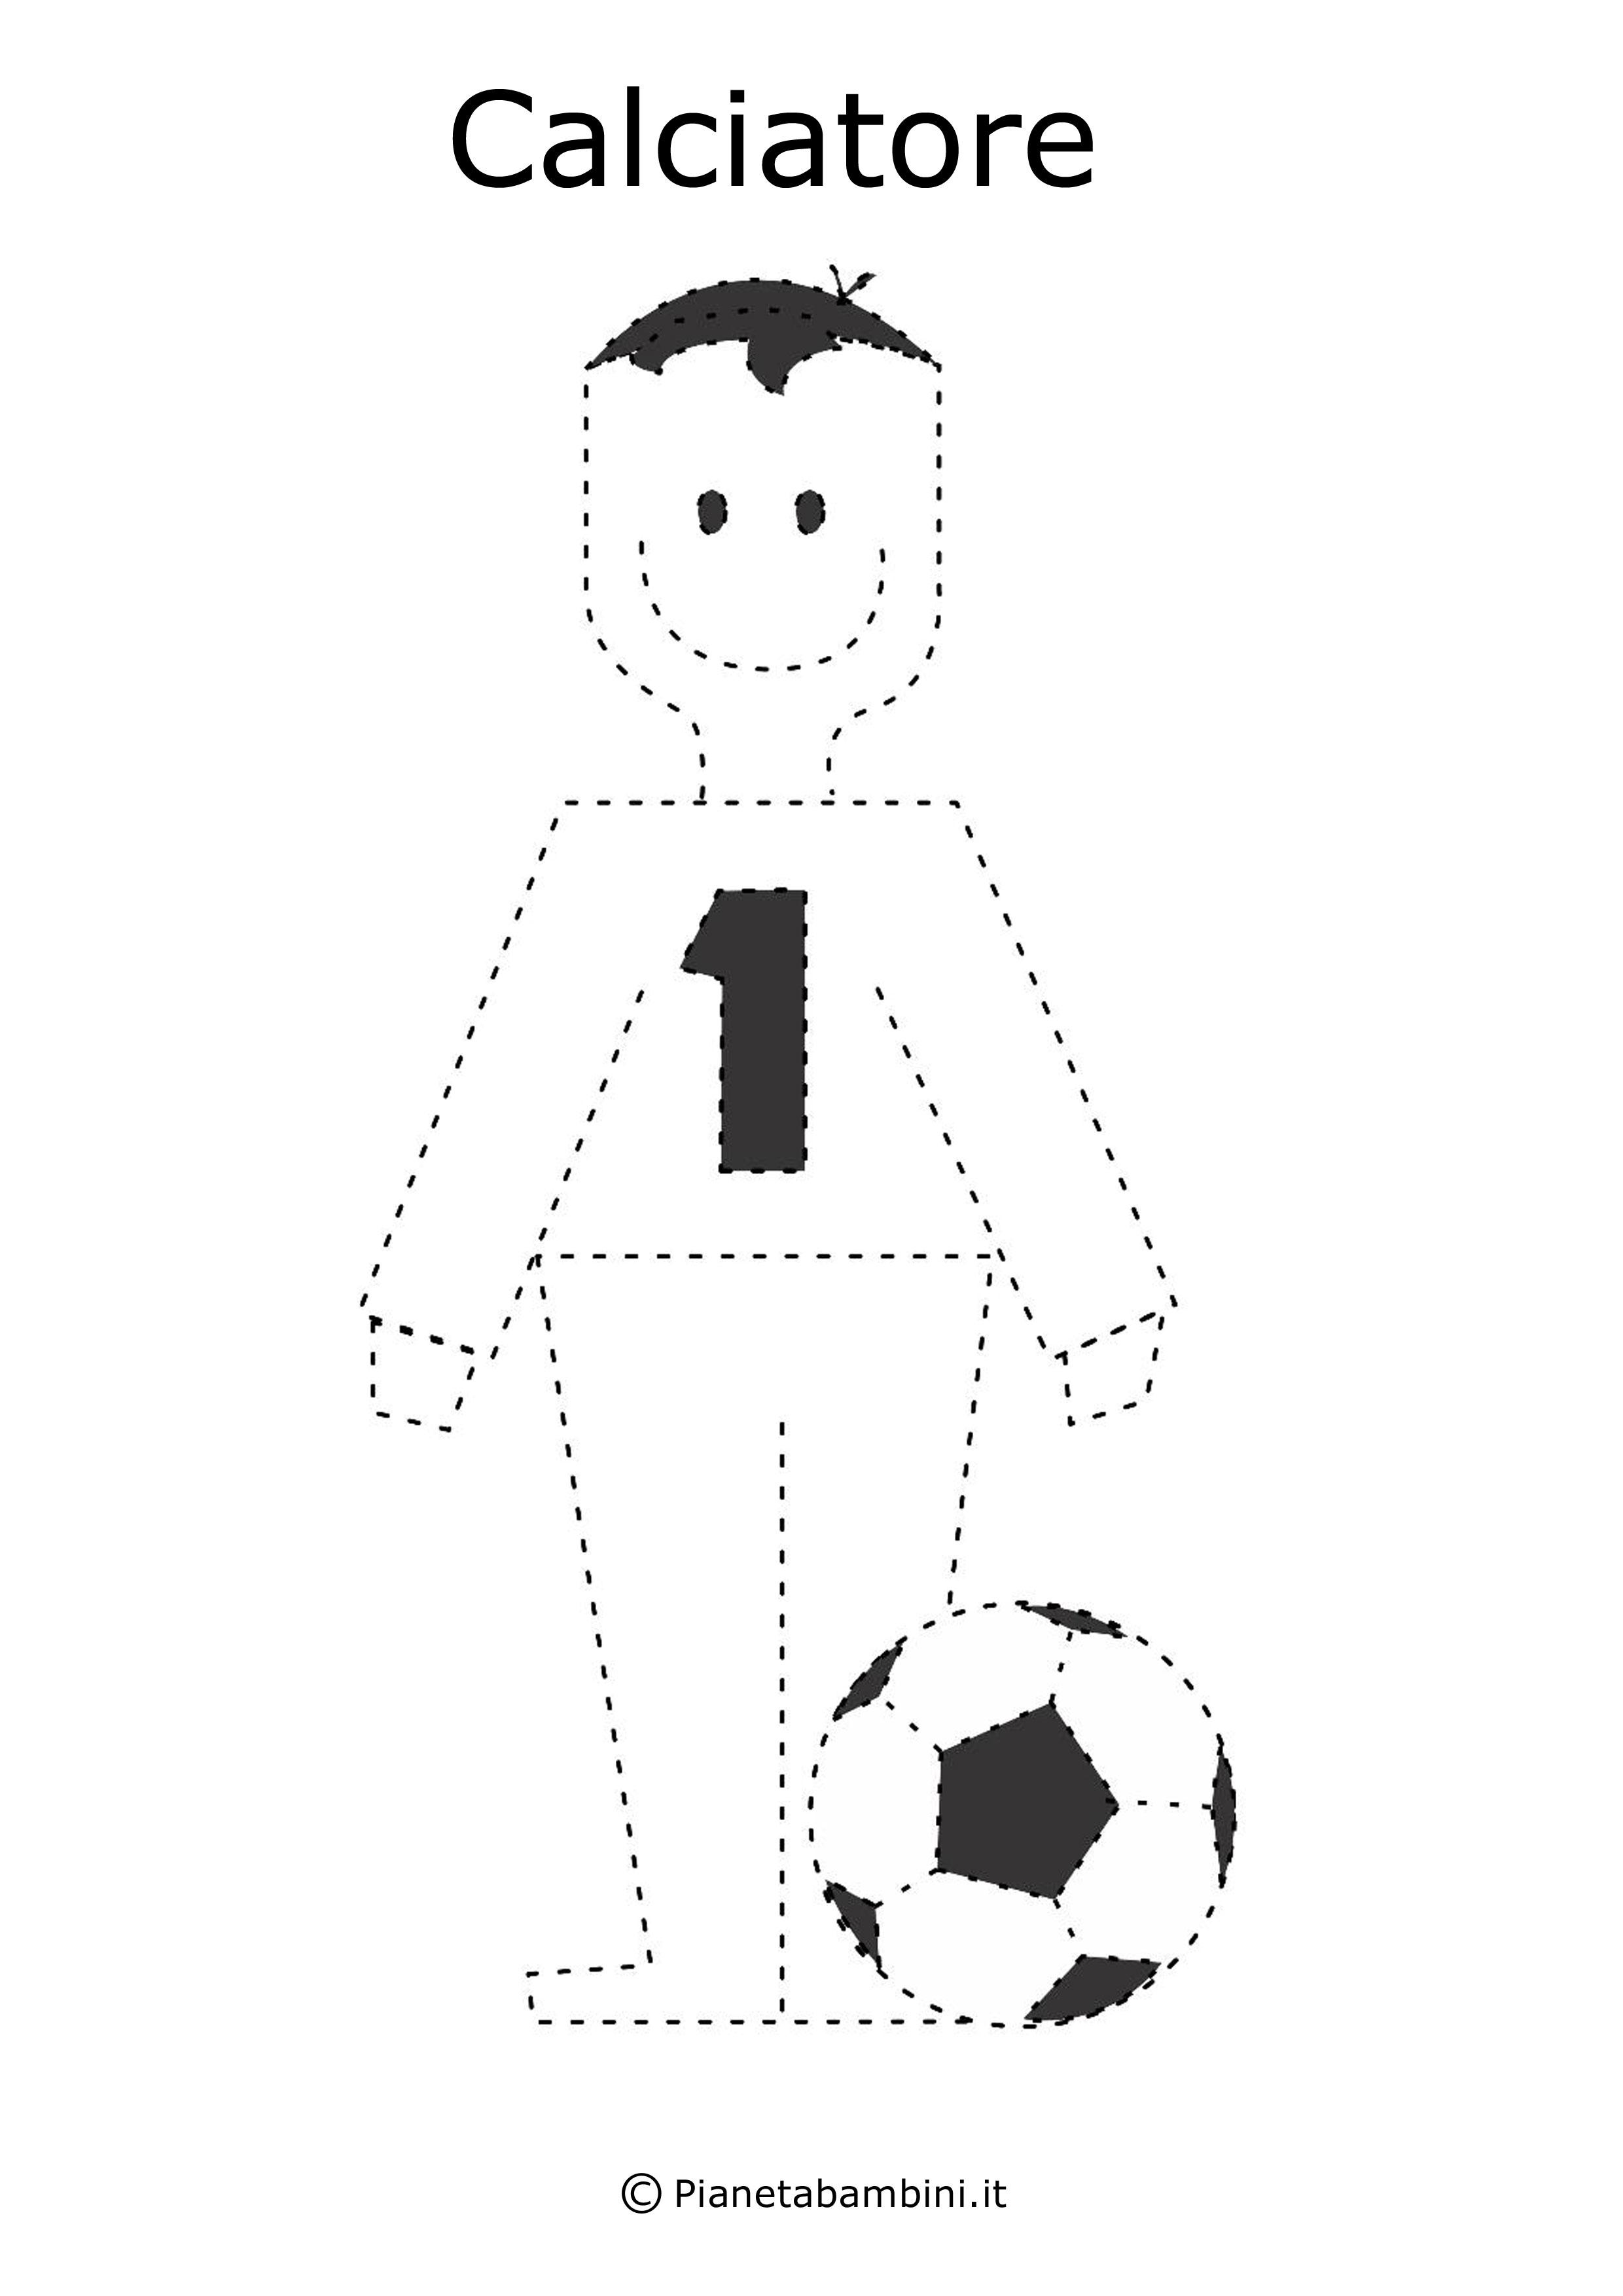 Scheda di pregrafismo calciatore